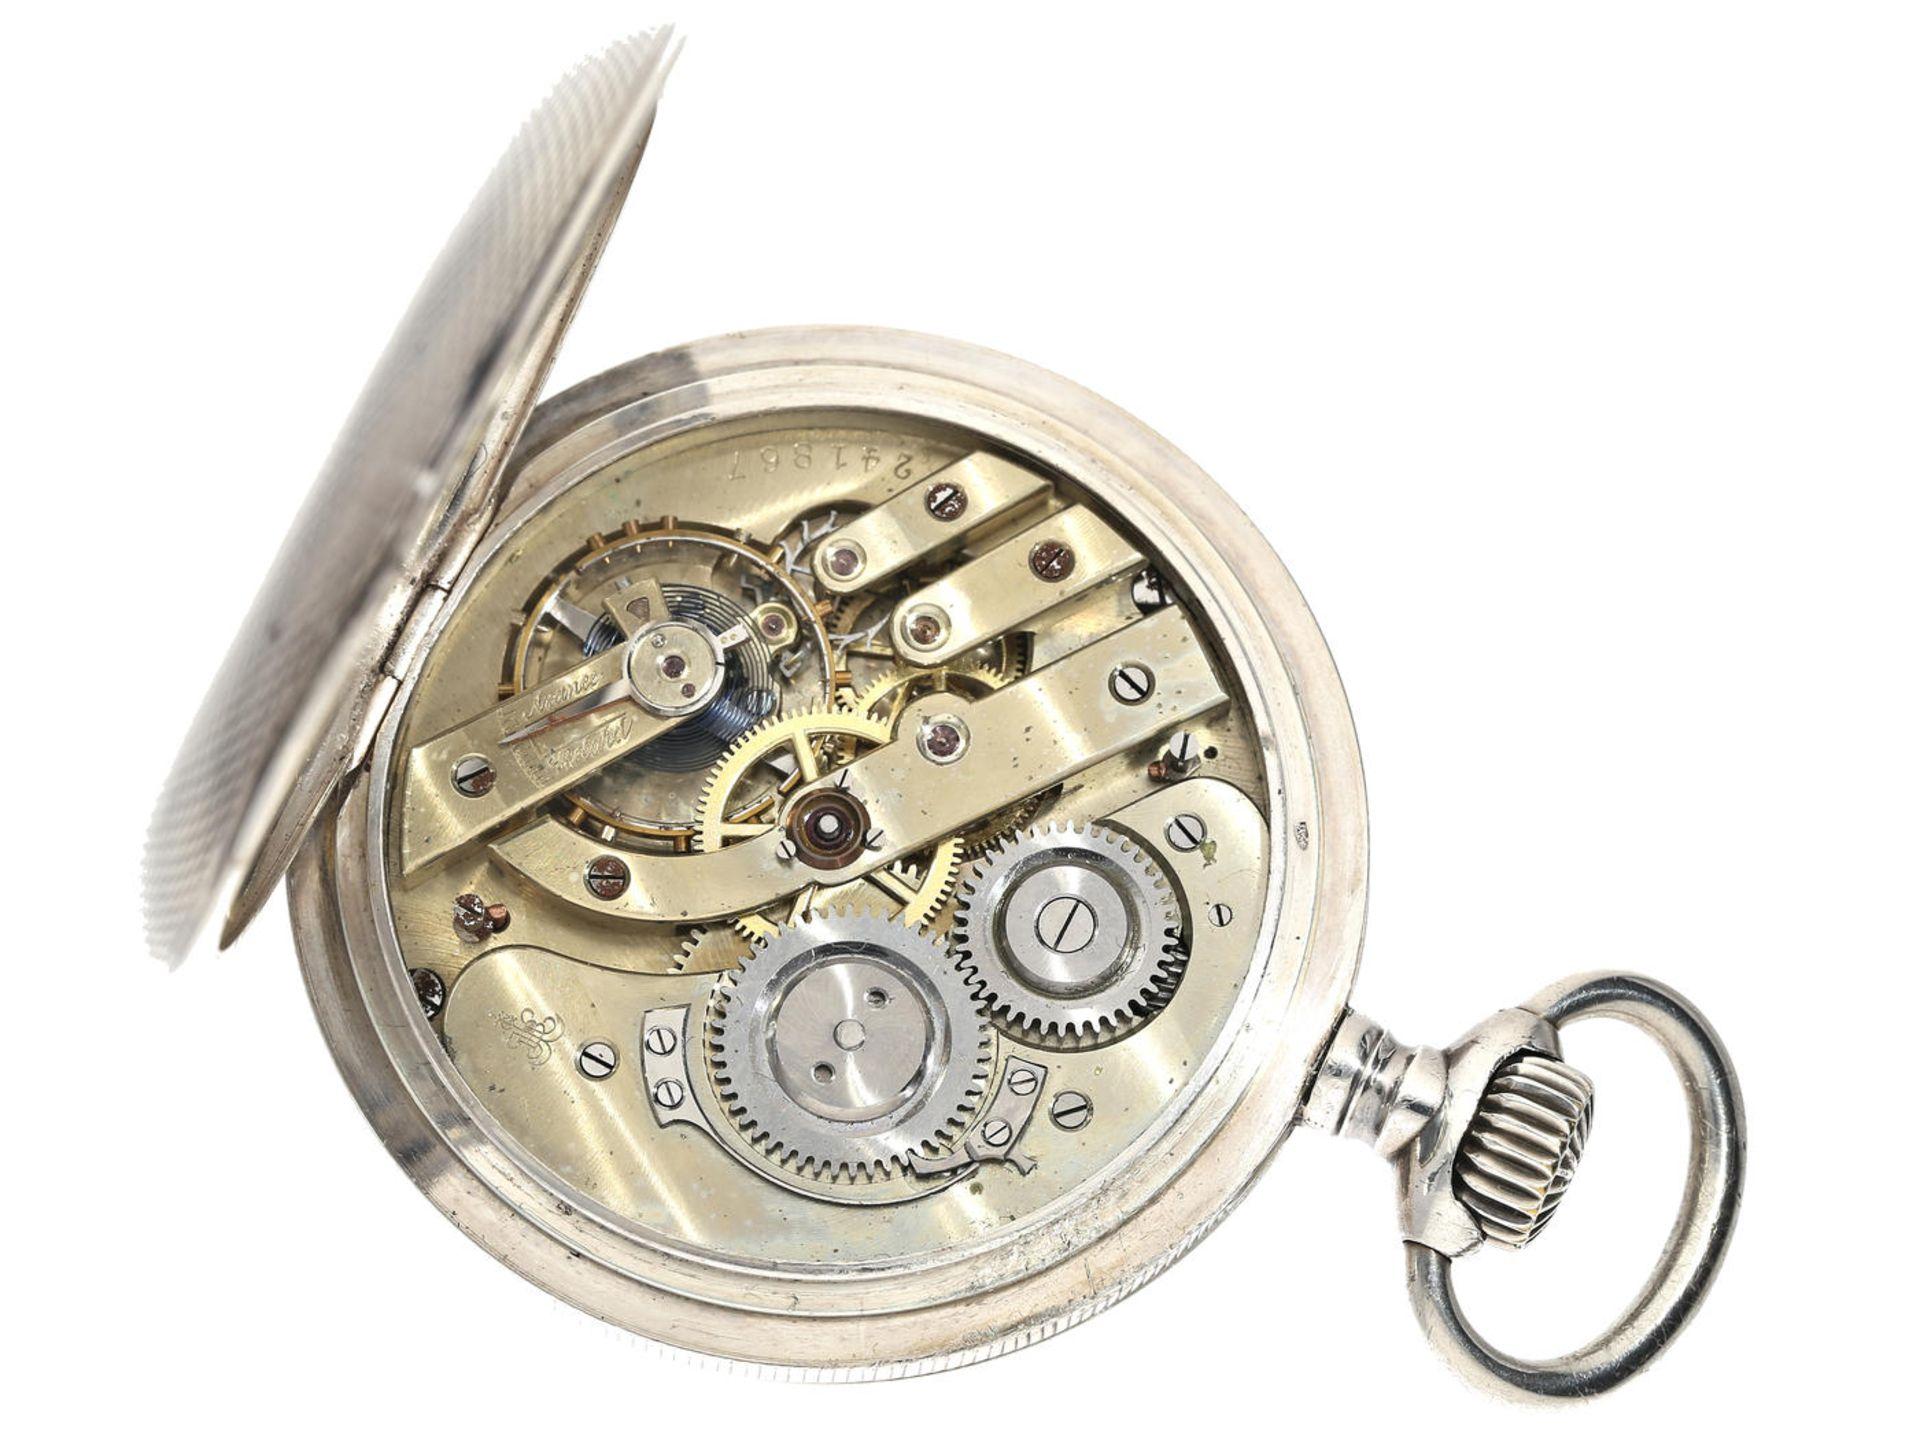 Taschenuhr: besonders große und schwere Silbersavonnette für den russischen Markt, - Bild 2 aus 3